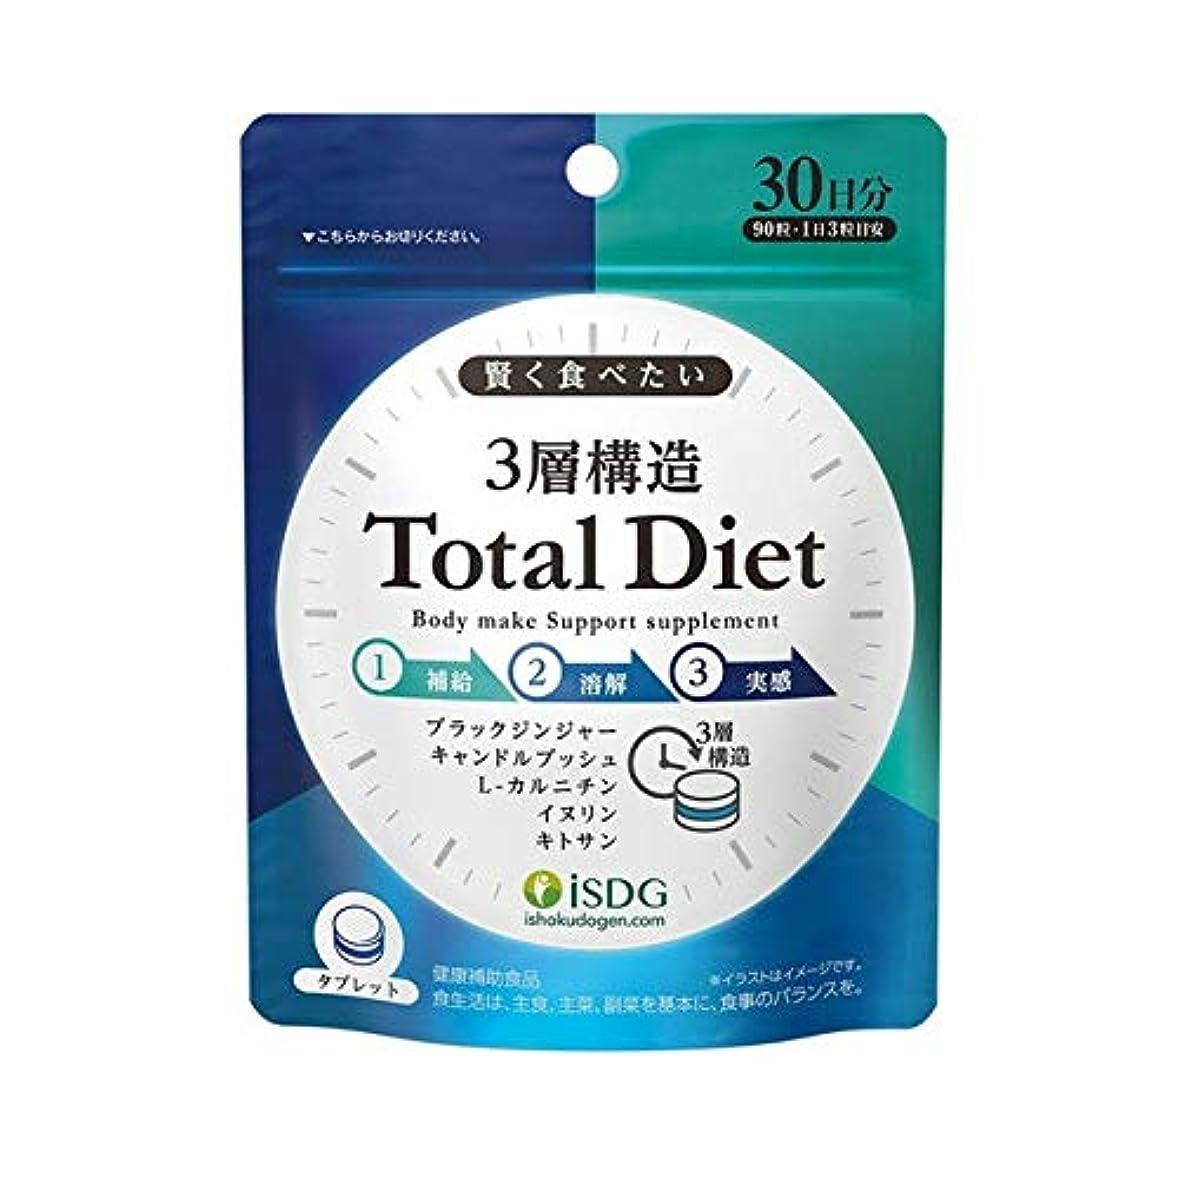 ピッチャーバックアップ実現可能性医食同源ドットコム ISDG 3層構造 Total Diet 90粒入 トータル ダイエット×5個セット